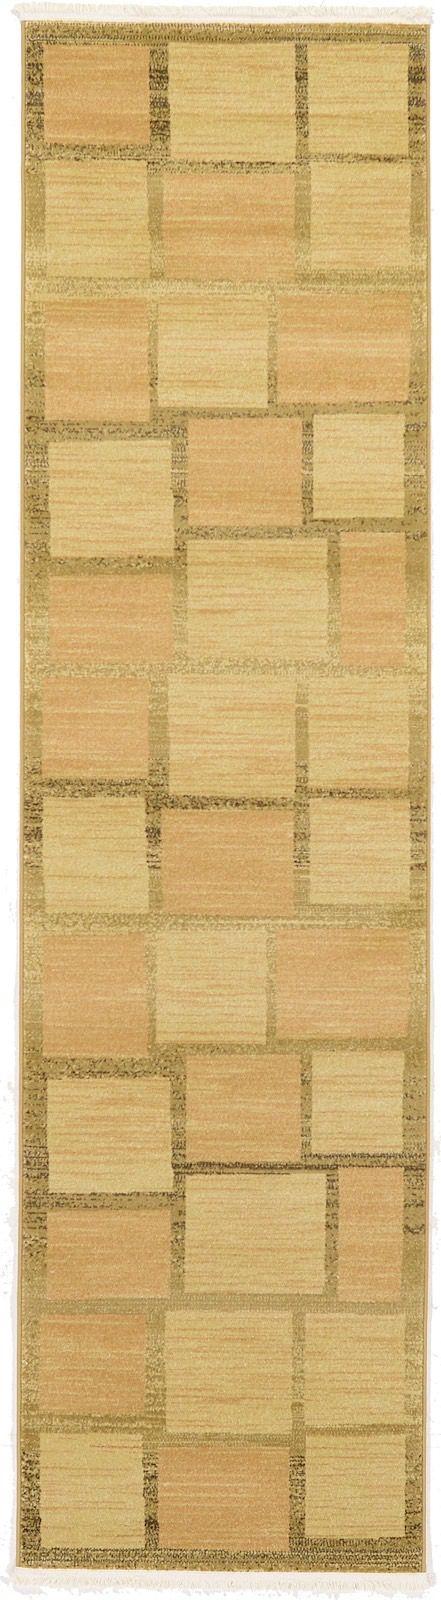 frederica contemporary area rug collection